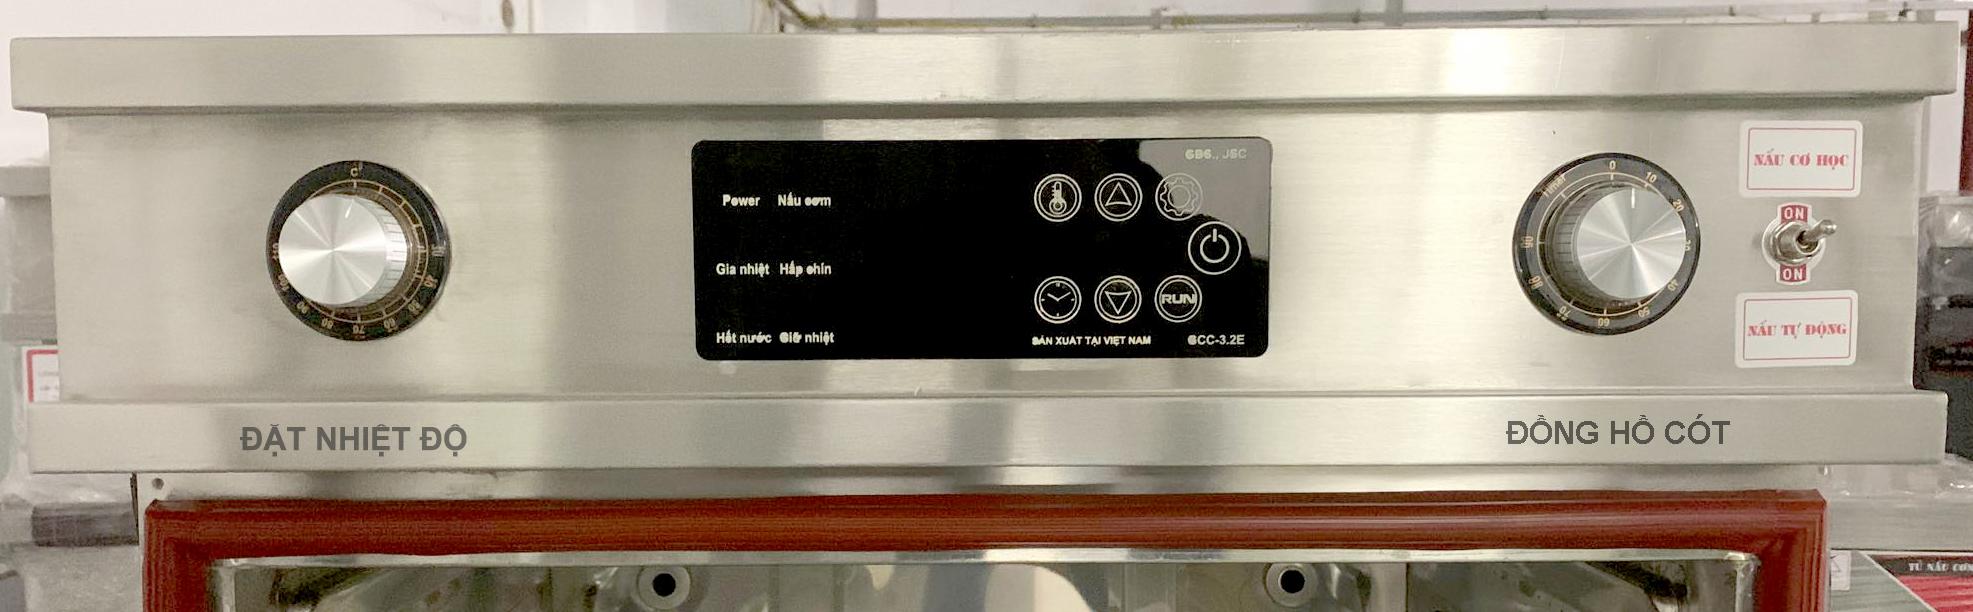 Tủ nấu cơm 6 khay dùng điện